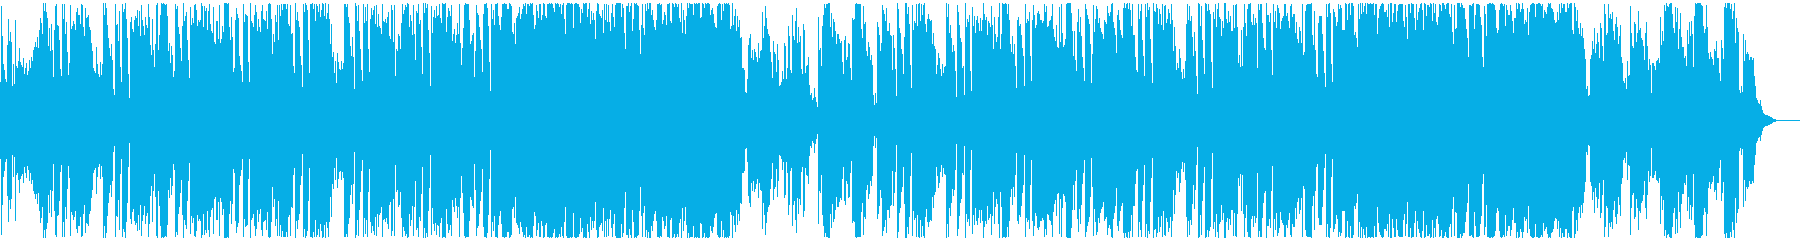 車のCMで流れる様なパワフルな曲の再生済みの波形